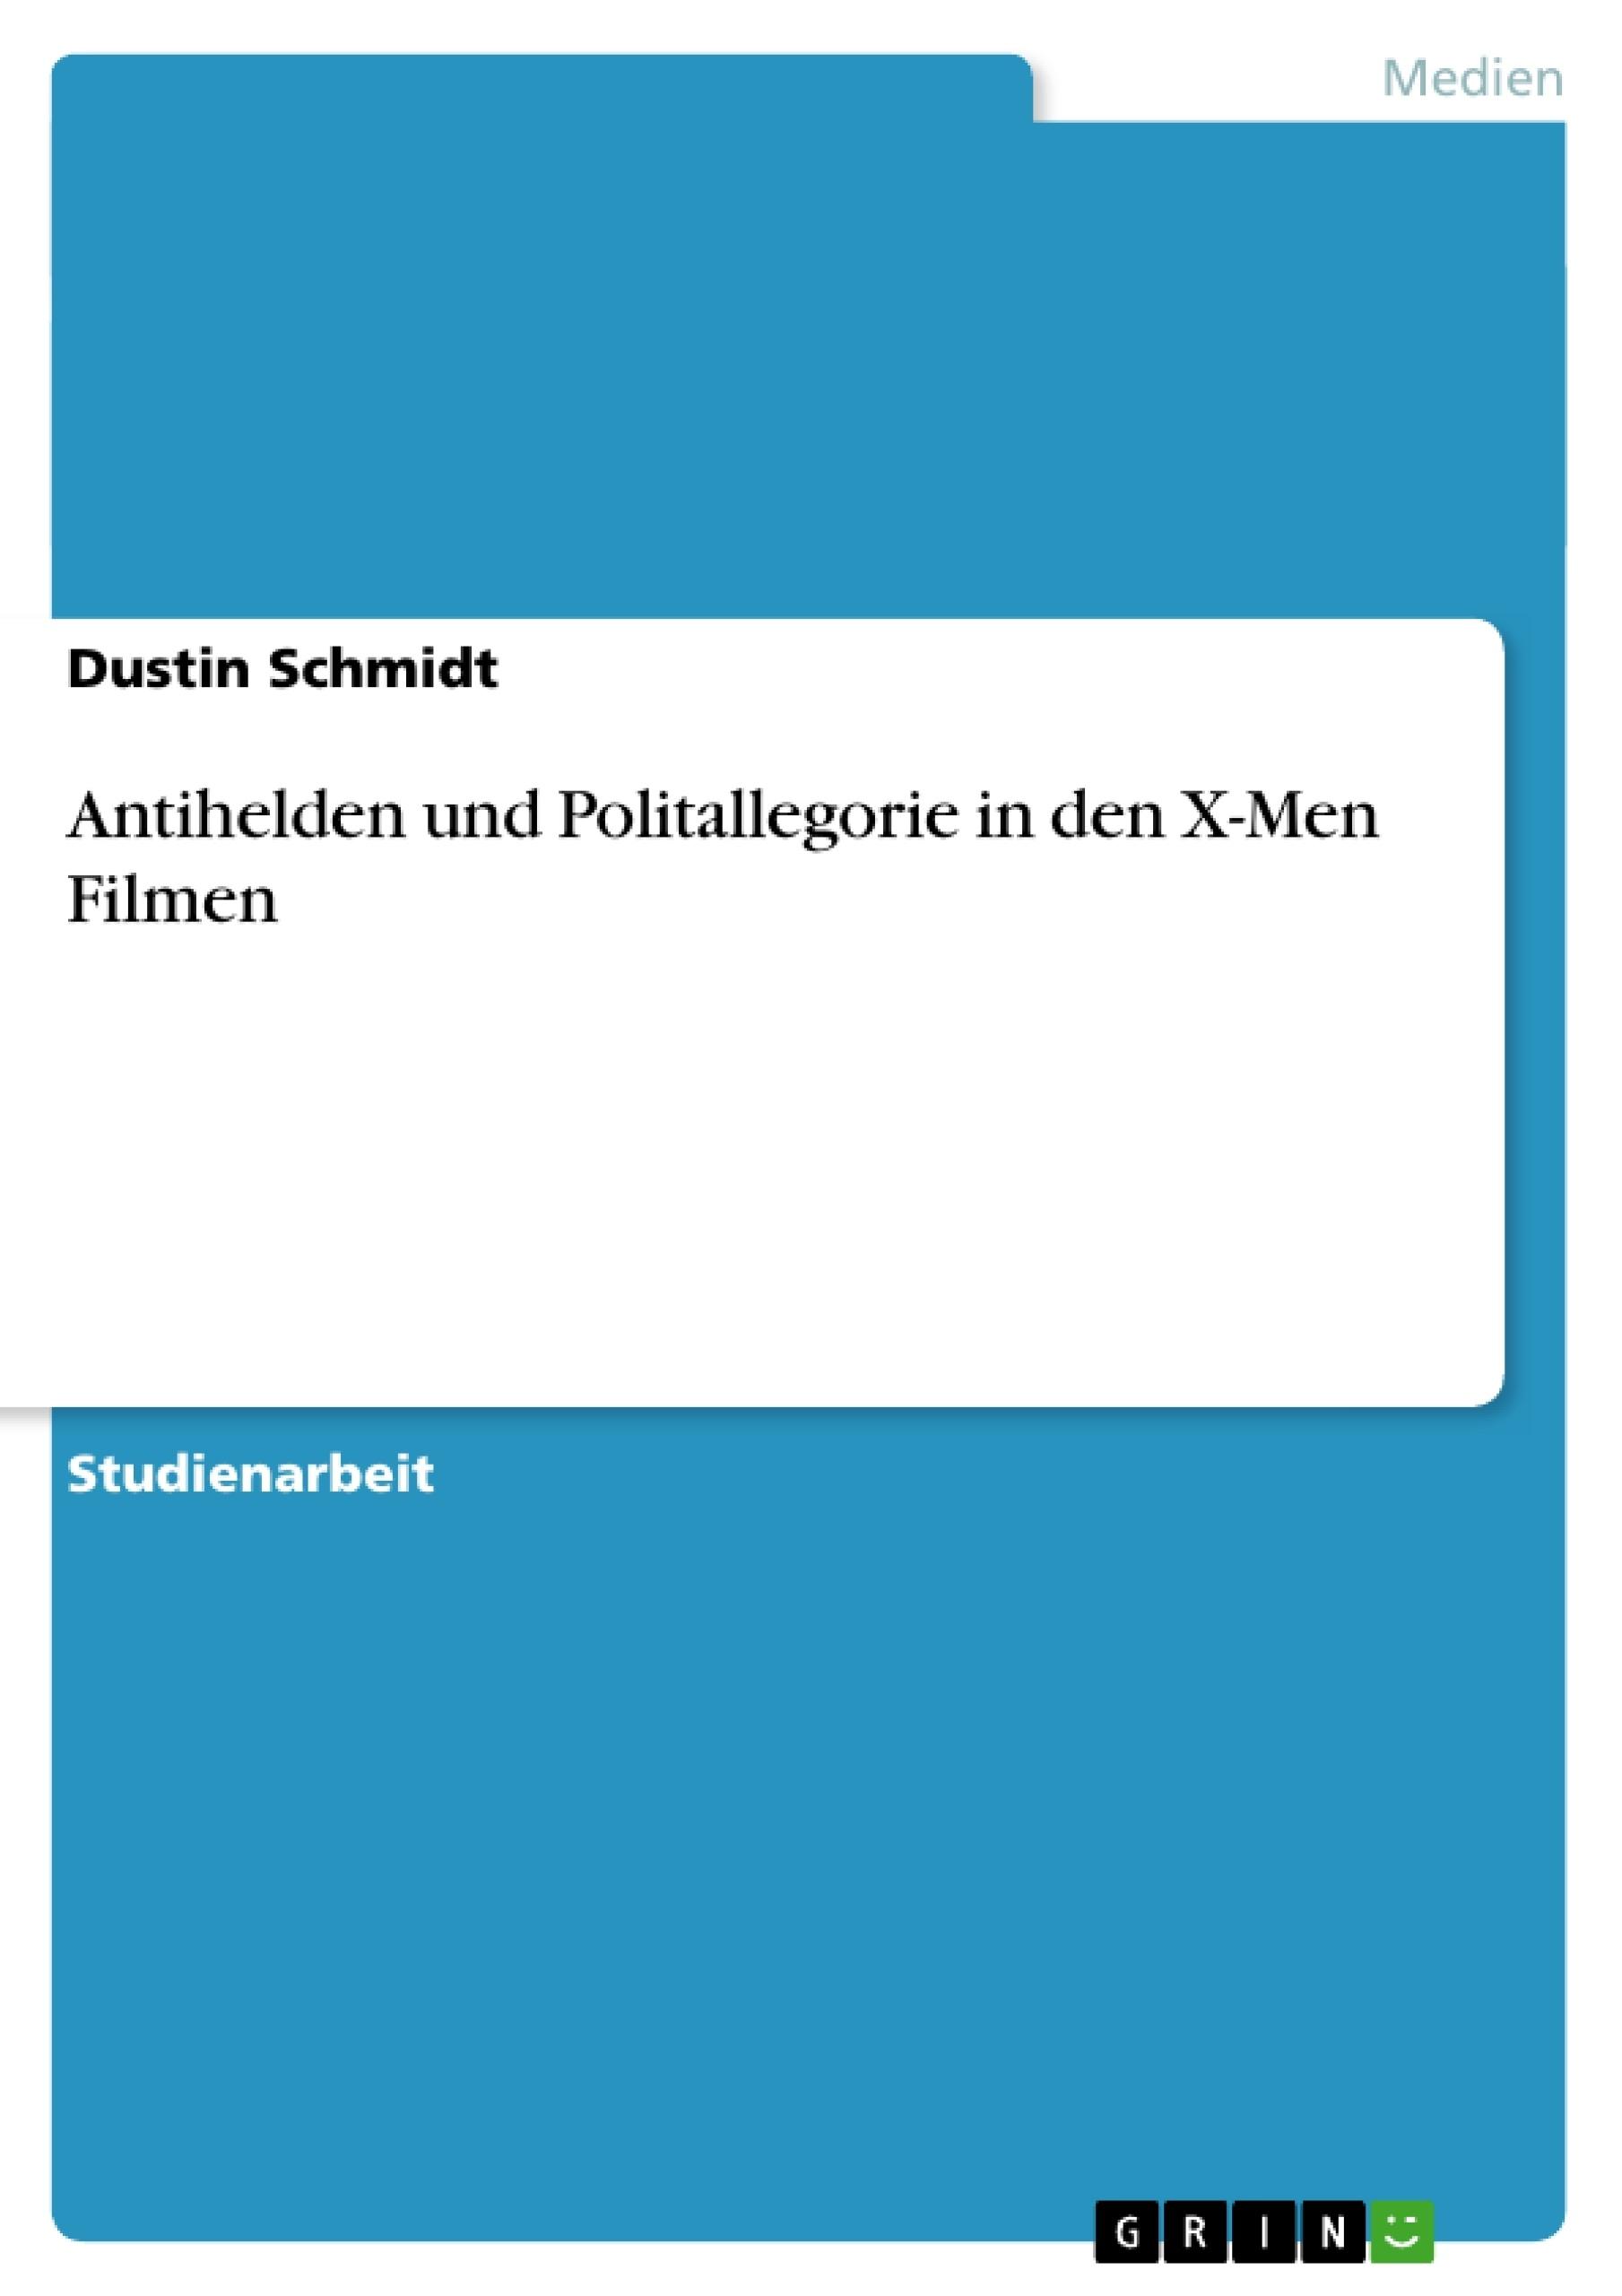 Titel: Antihelden und Politallegorie in den X-Men Filmen